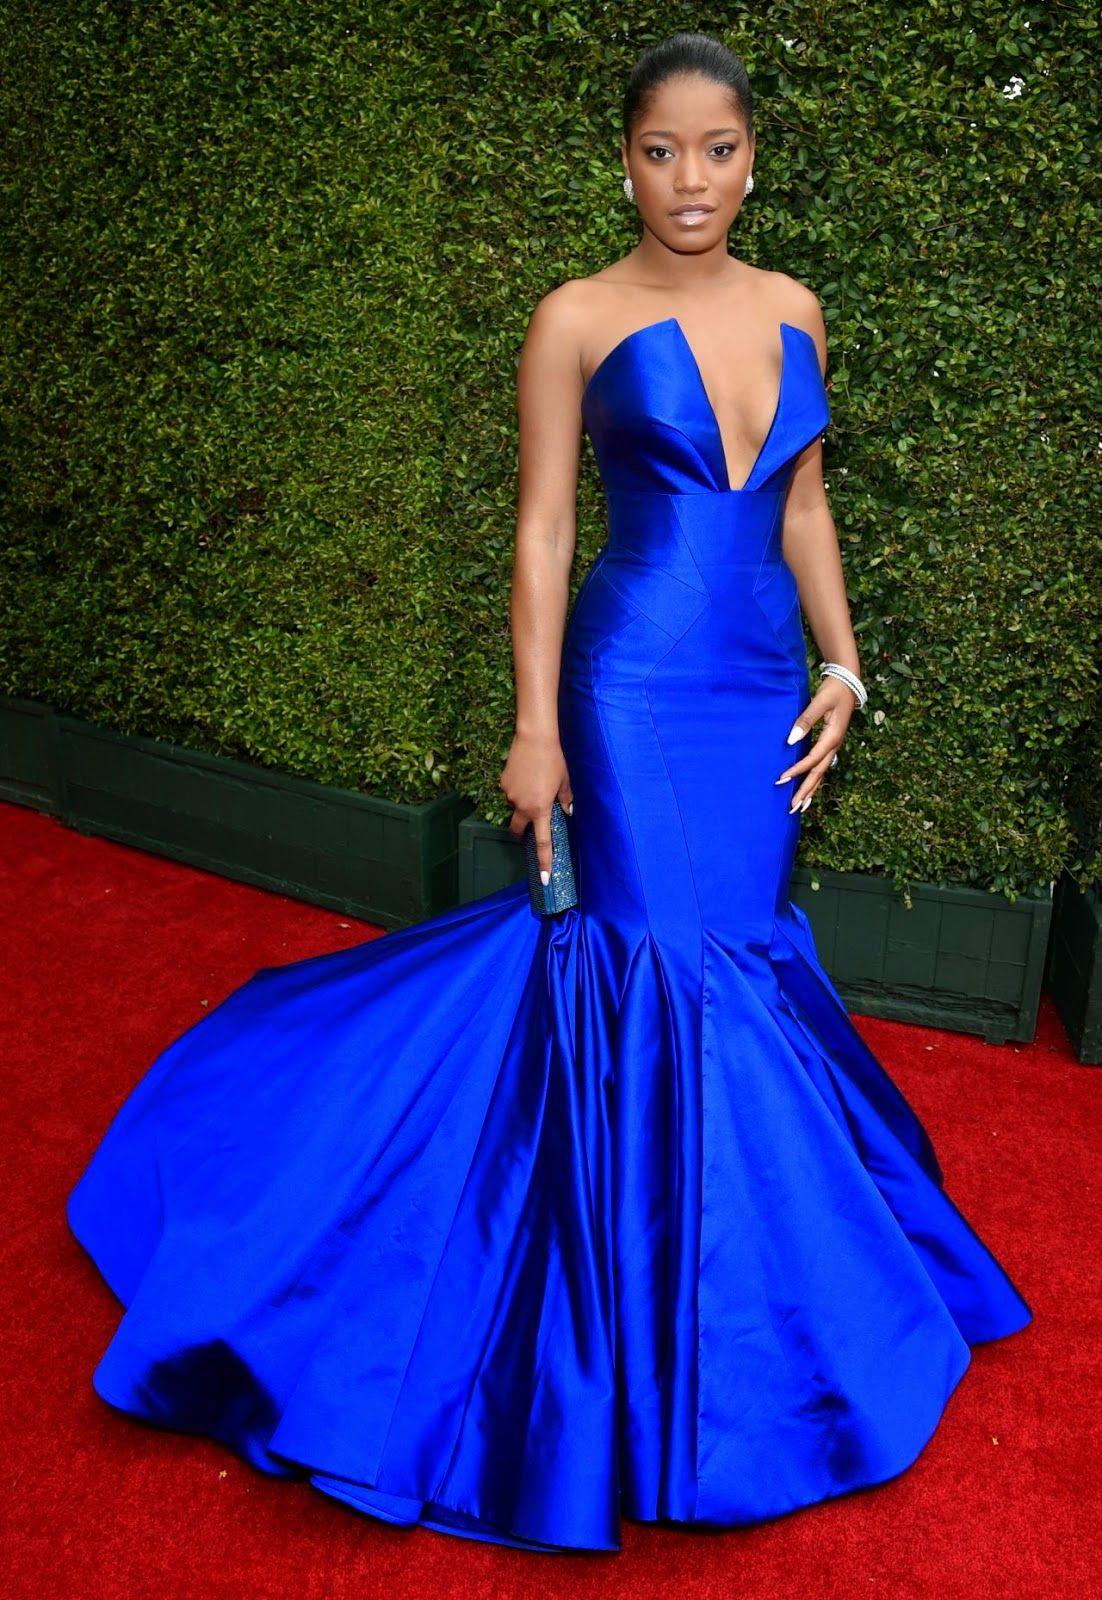 Emmy fashion 2014 best red carpet dresses blogher - Keke Palmer 2014 Primetime Emmy Awards In Los Angeles Keke Palmertrumpet Gownred